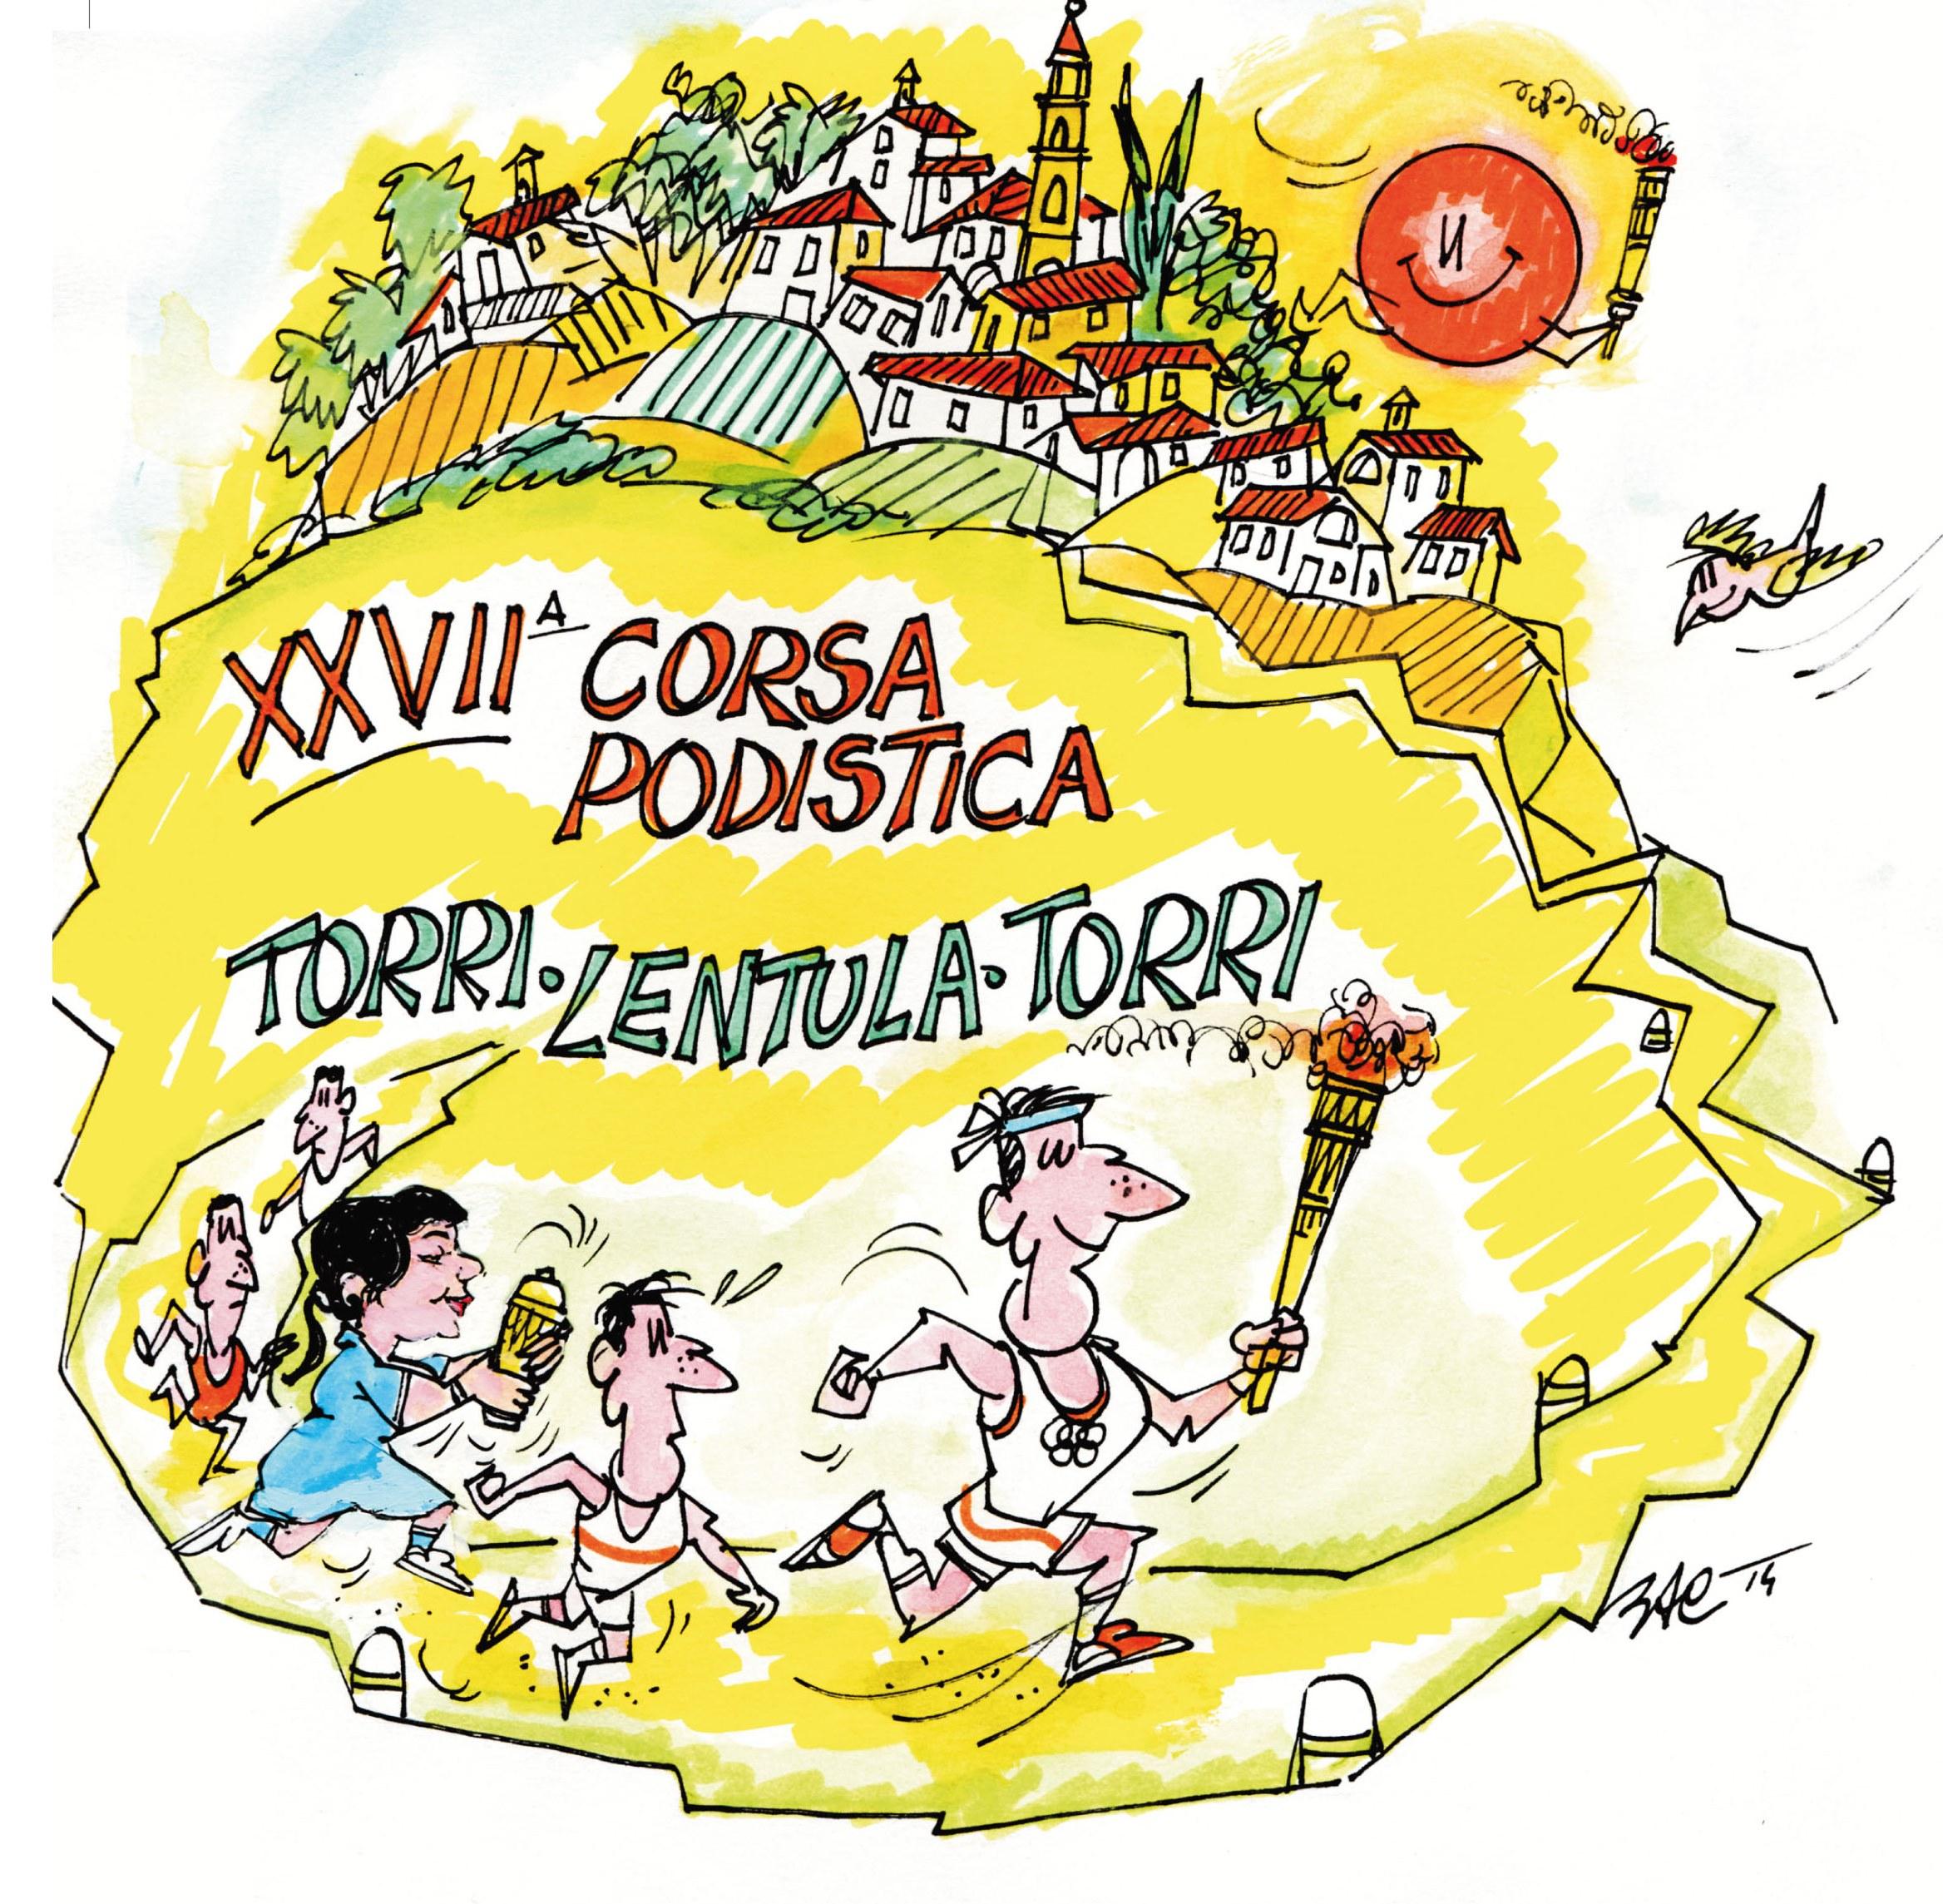 TORRI-LENTULA, 27 ANNI DI CORSA TRA BORGHI E CASTAGNETI SECOLARI